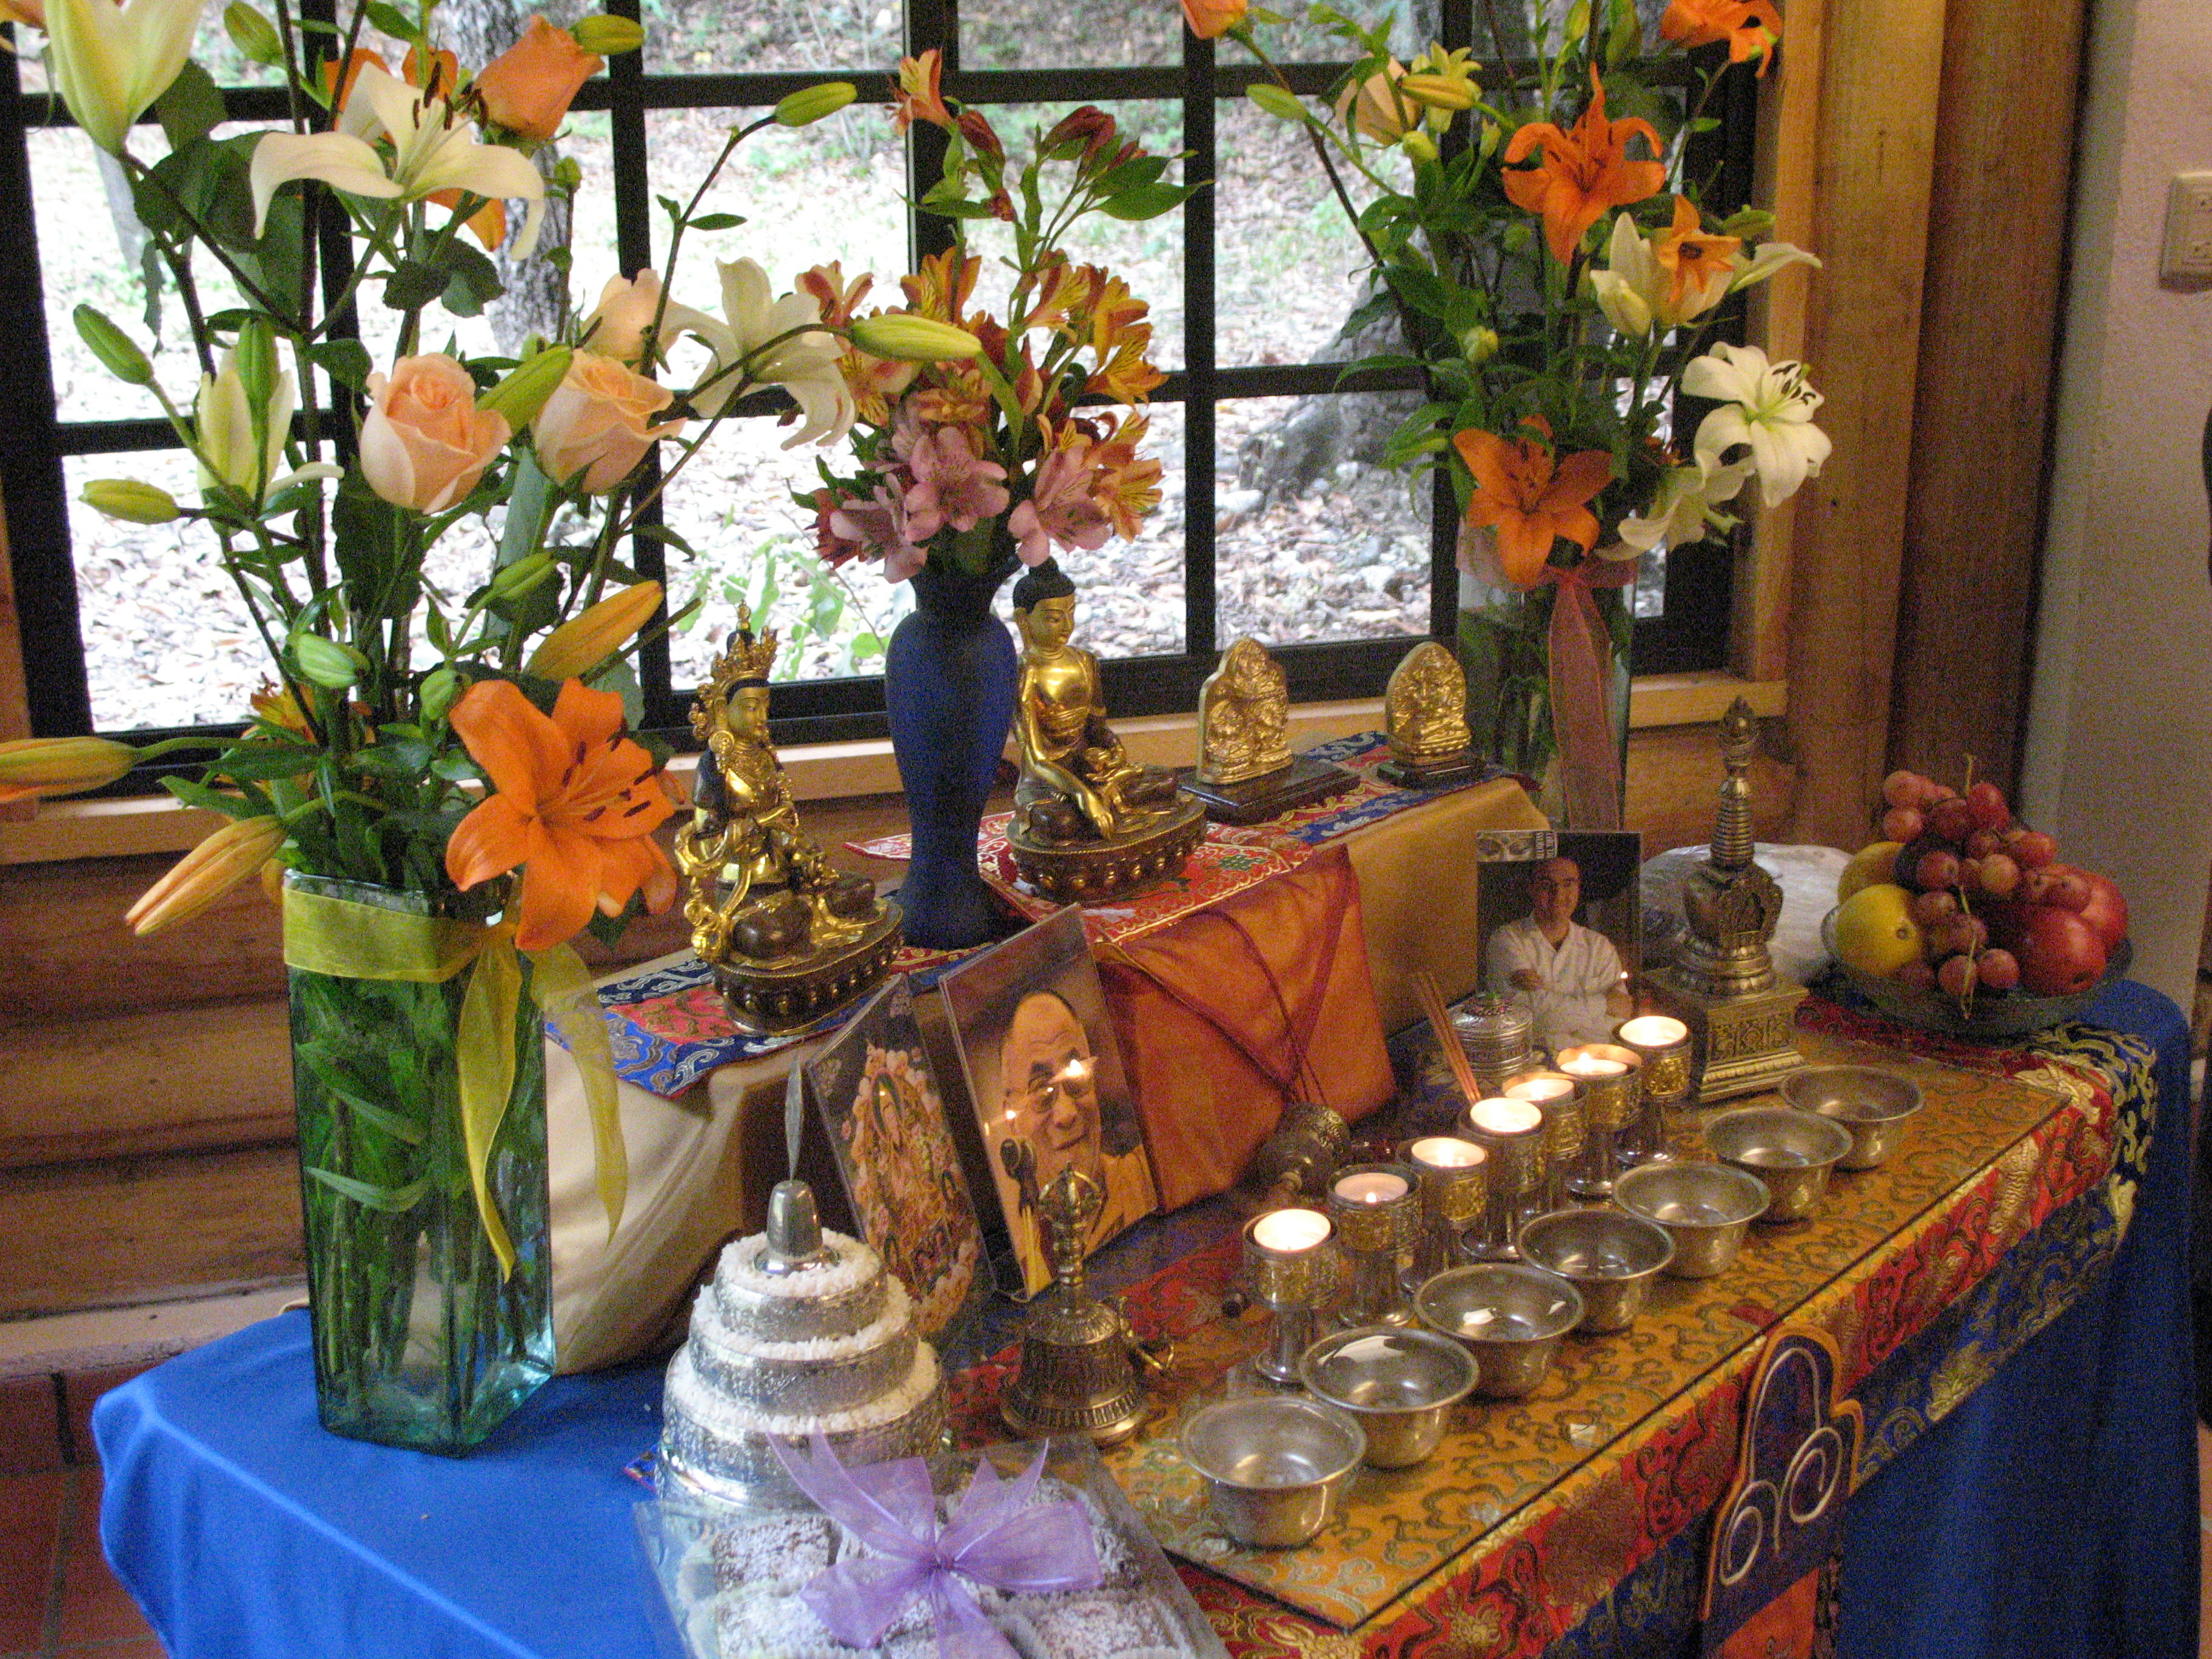 C mo poner el altar budista y hacer la ofrenda de agua - Hacer meditacion en casa ...